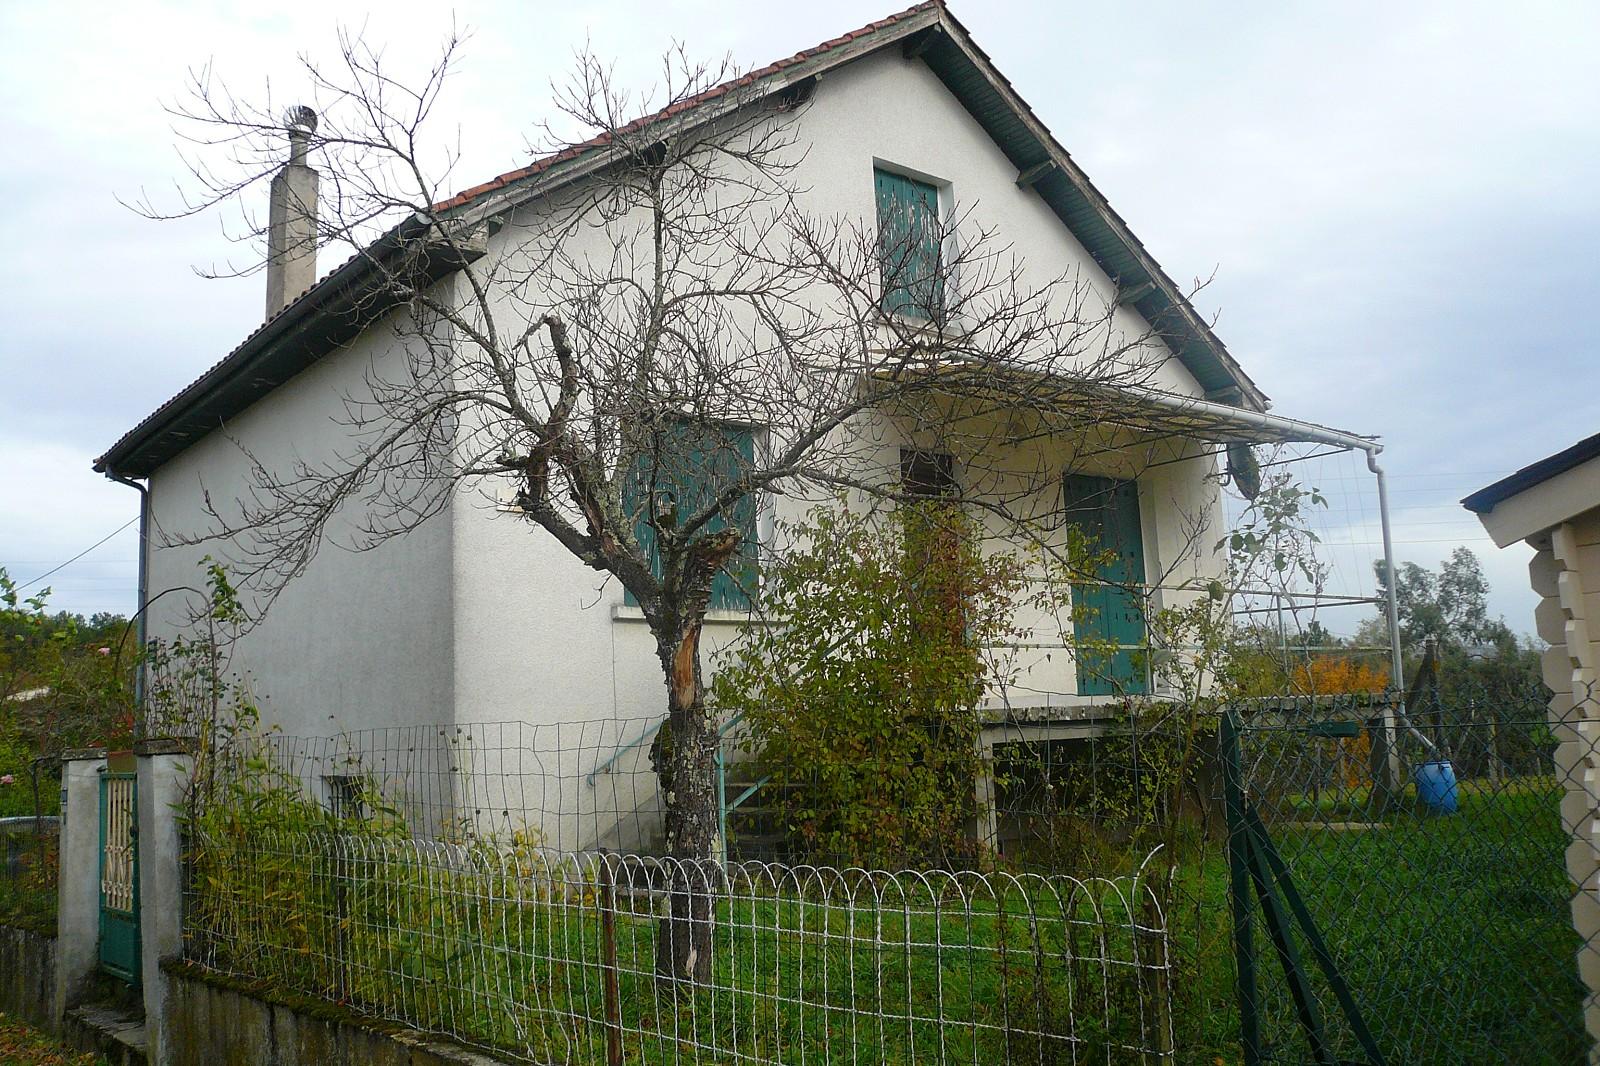 Maison avec jardin - 4 chambres